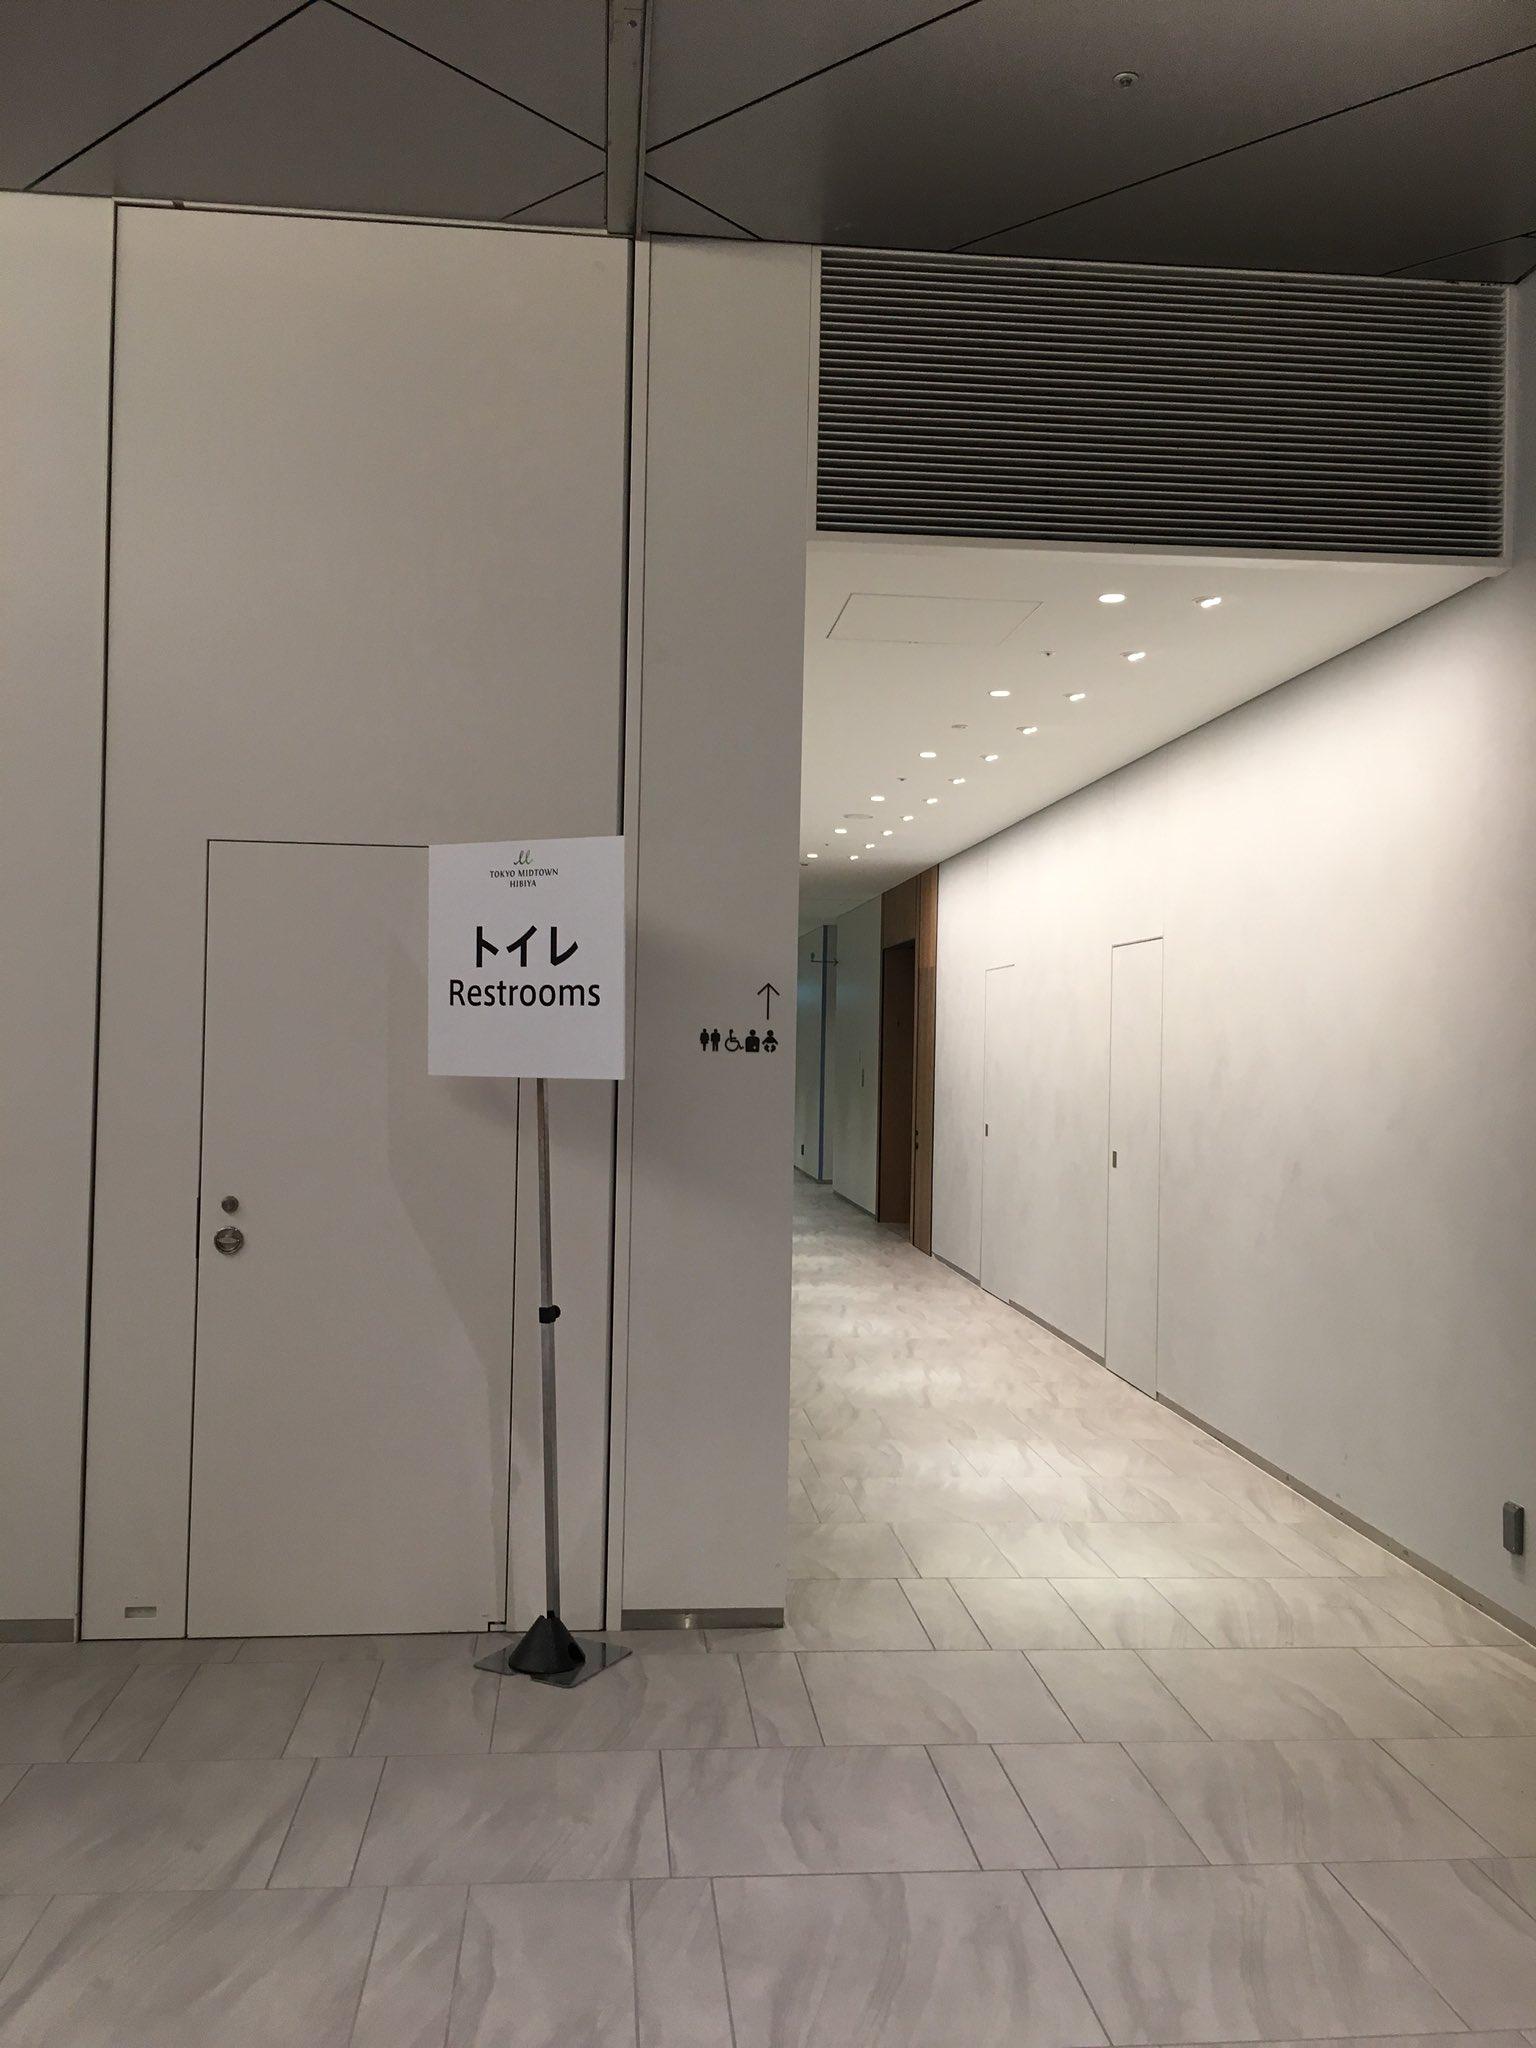 東京ミッドタウン日比谷の「極力シンプルで美しいデザインにしよう」というデザイナーの欲求がトイレのアイコンを小さくしすぎて「トイレはどこ?」という質問が多発して看板が設置されるの、まさに『デザインの敗北』というほかなくてとてもすき